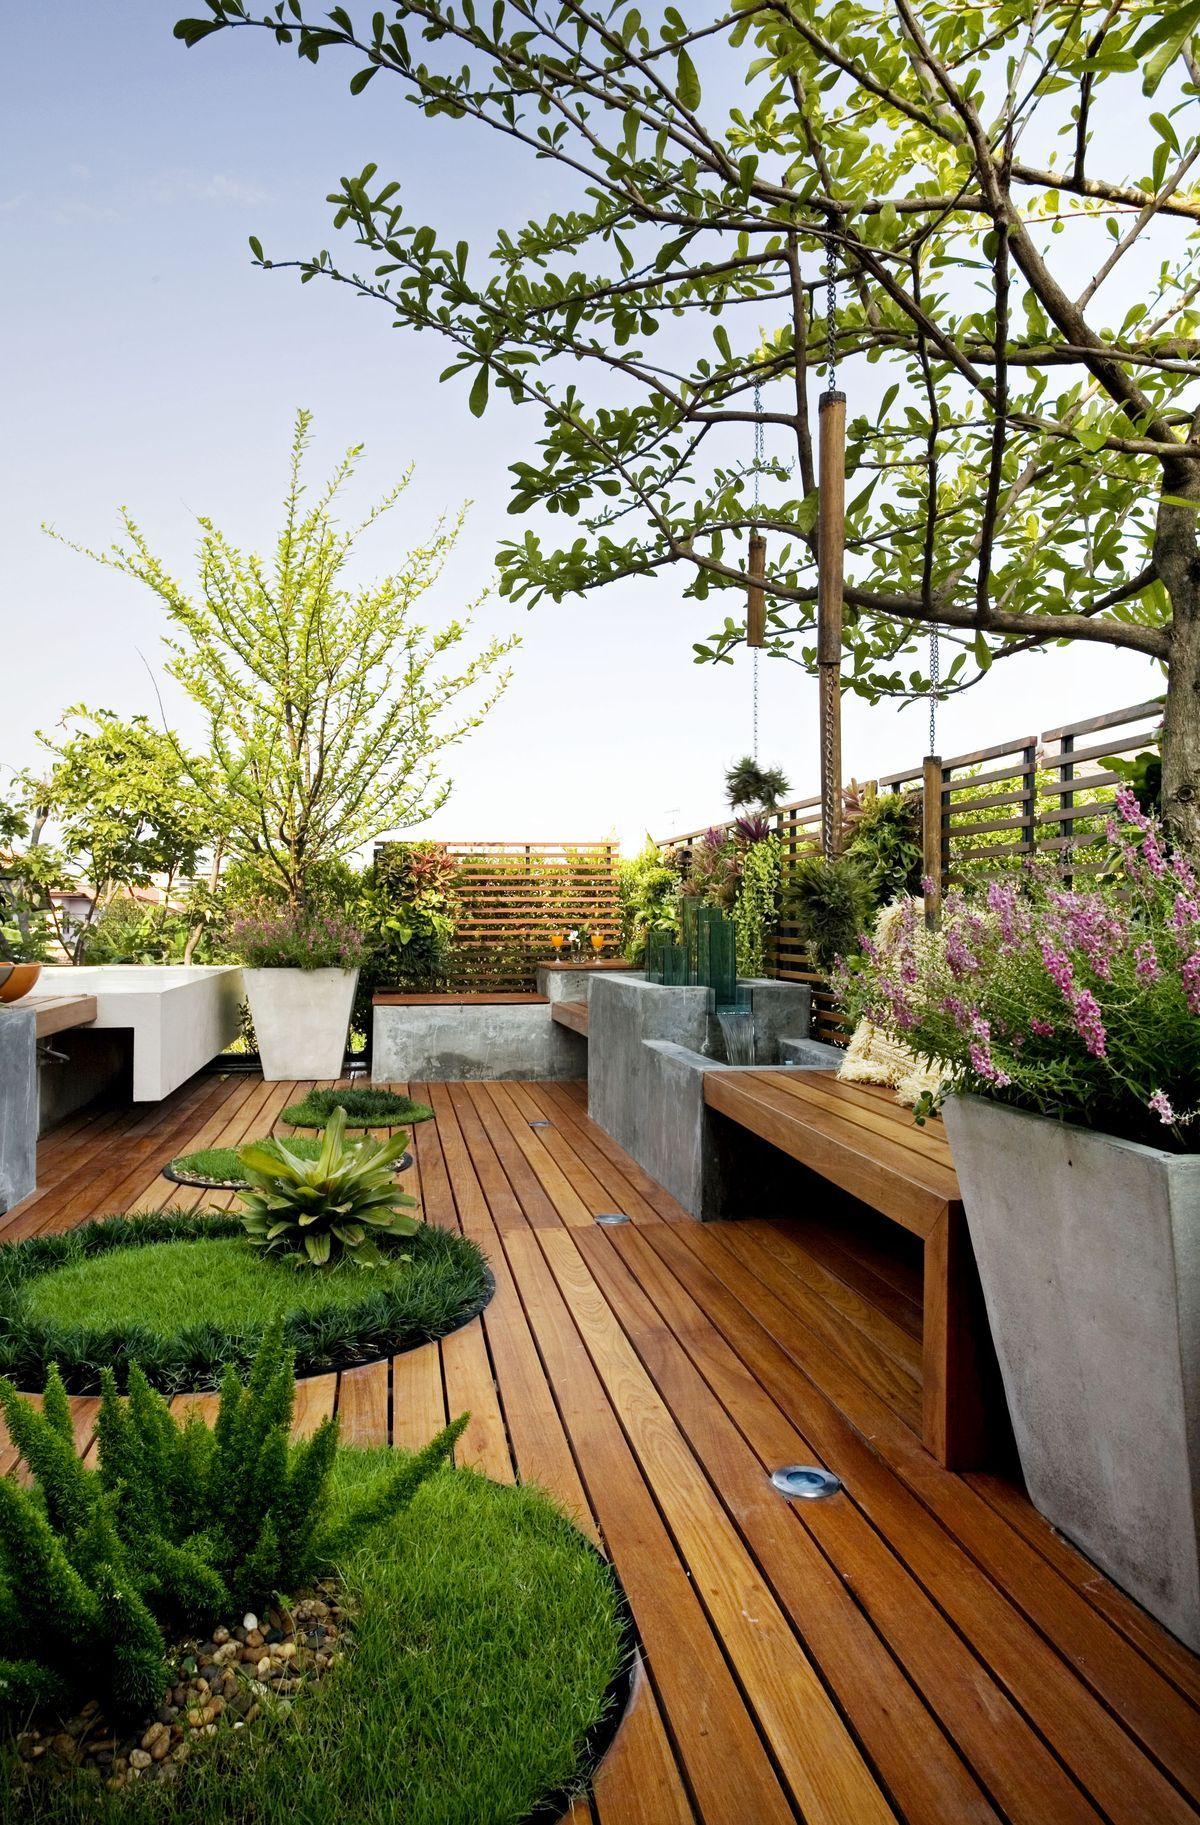 Pin von Hannah White auf Garden | Pinterest | Balkon, Terassen und ...